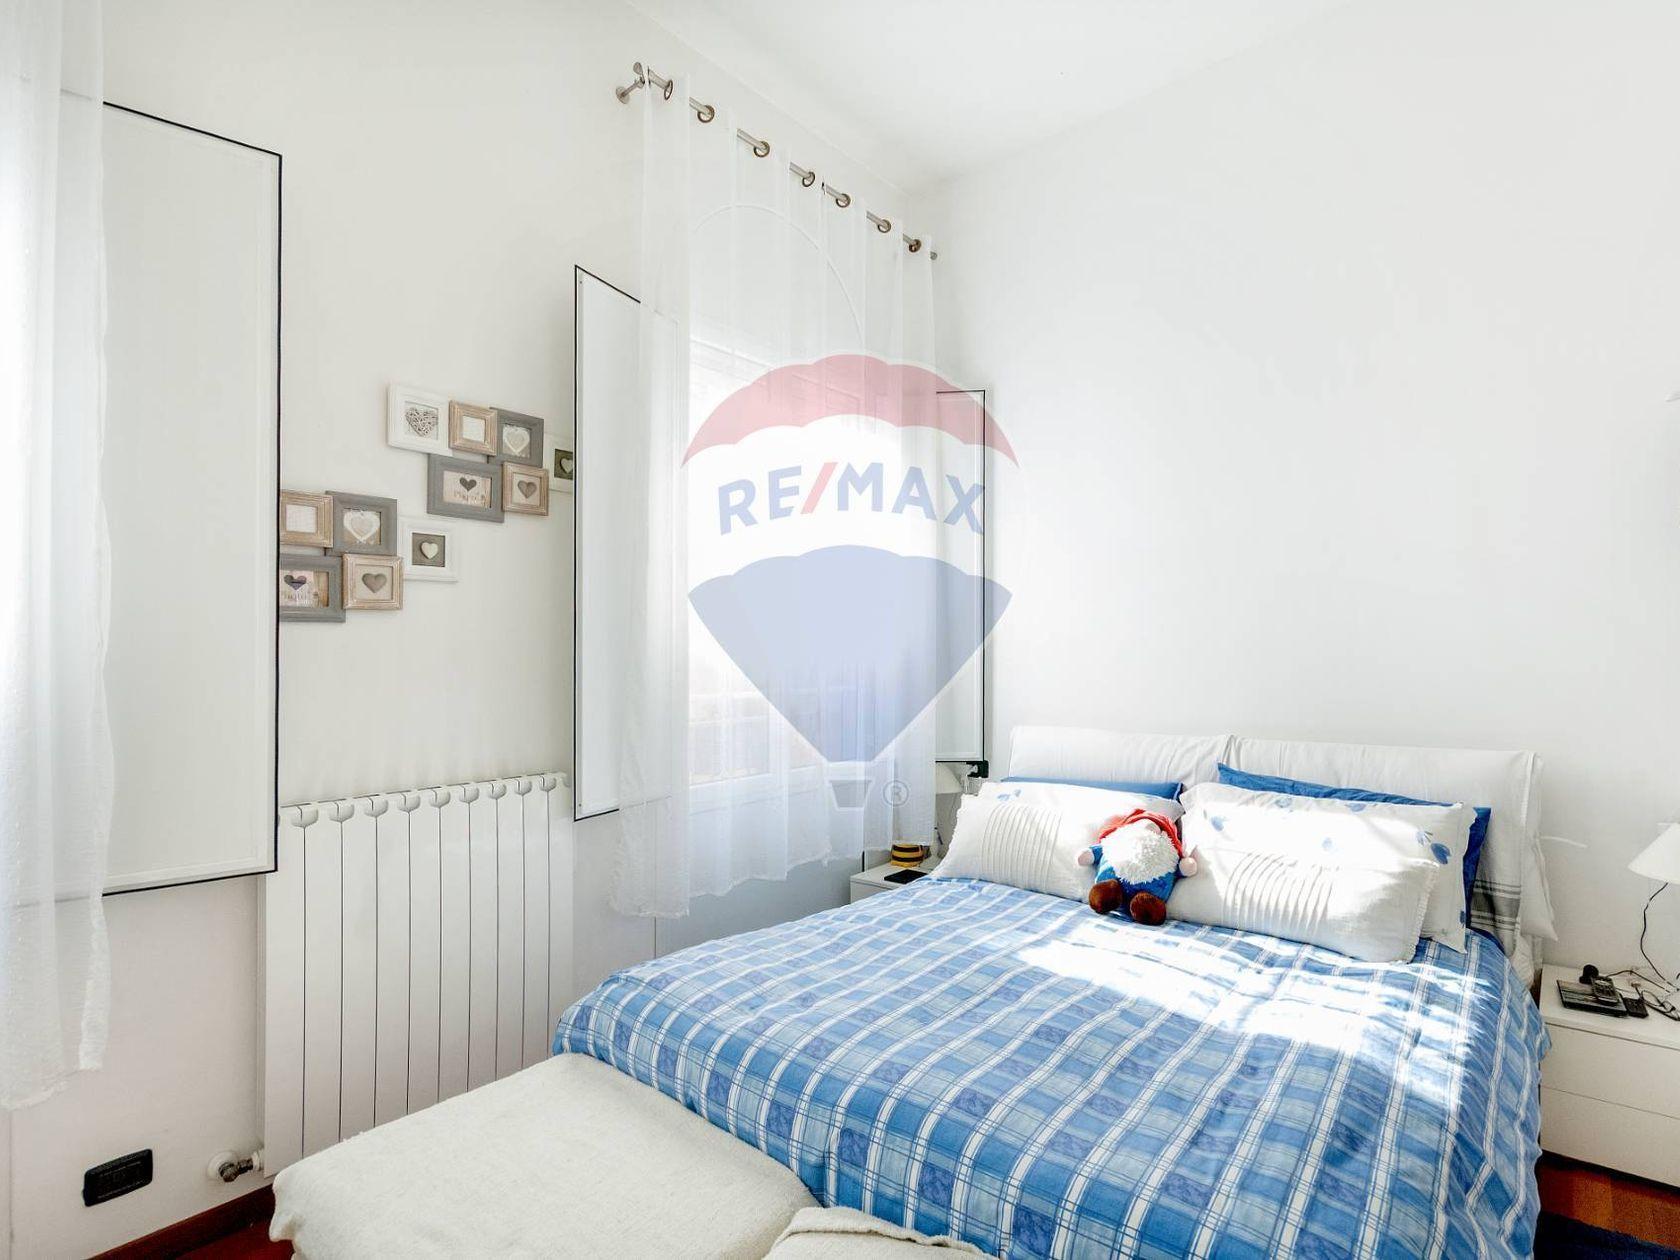 Appartamento Zona Centro Storico, San Giovanni in Persiceto, BO Vendita - Foto 18